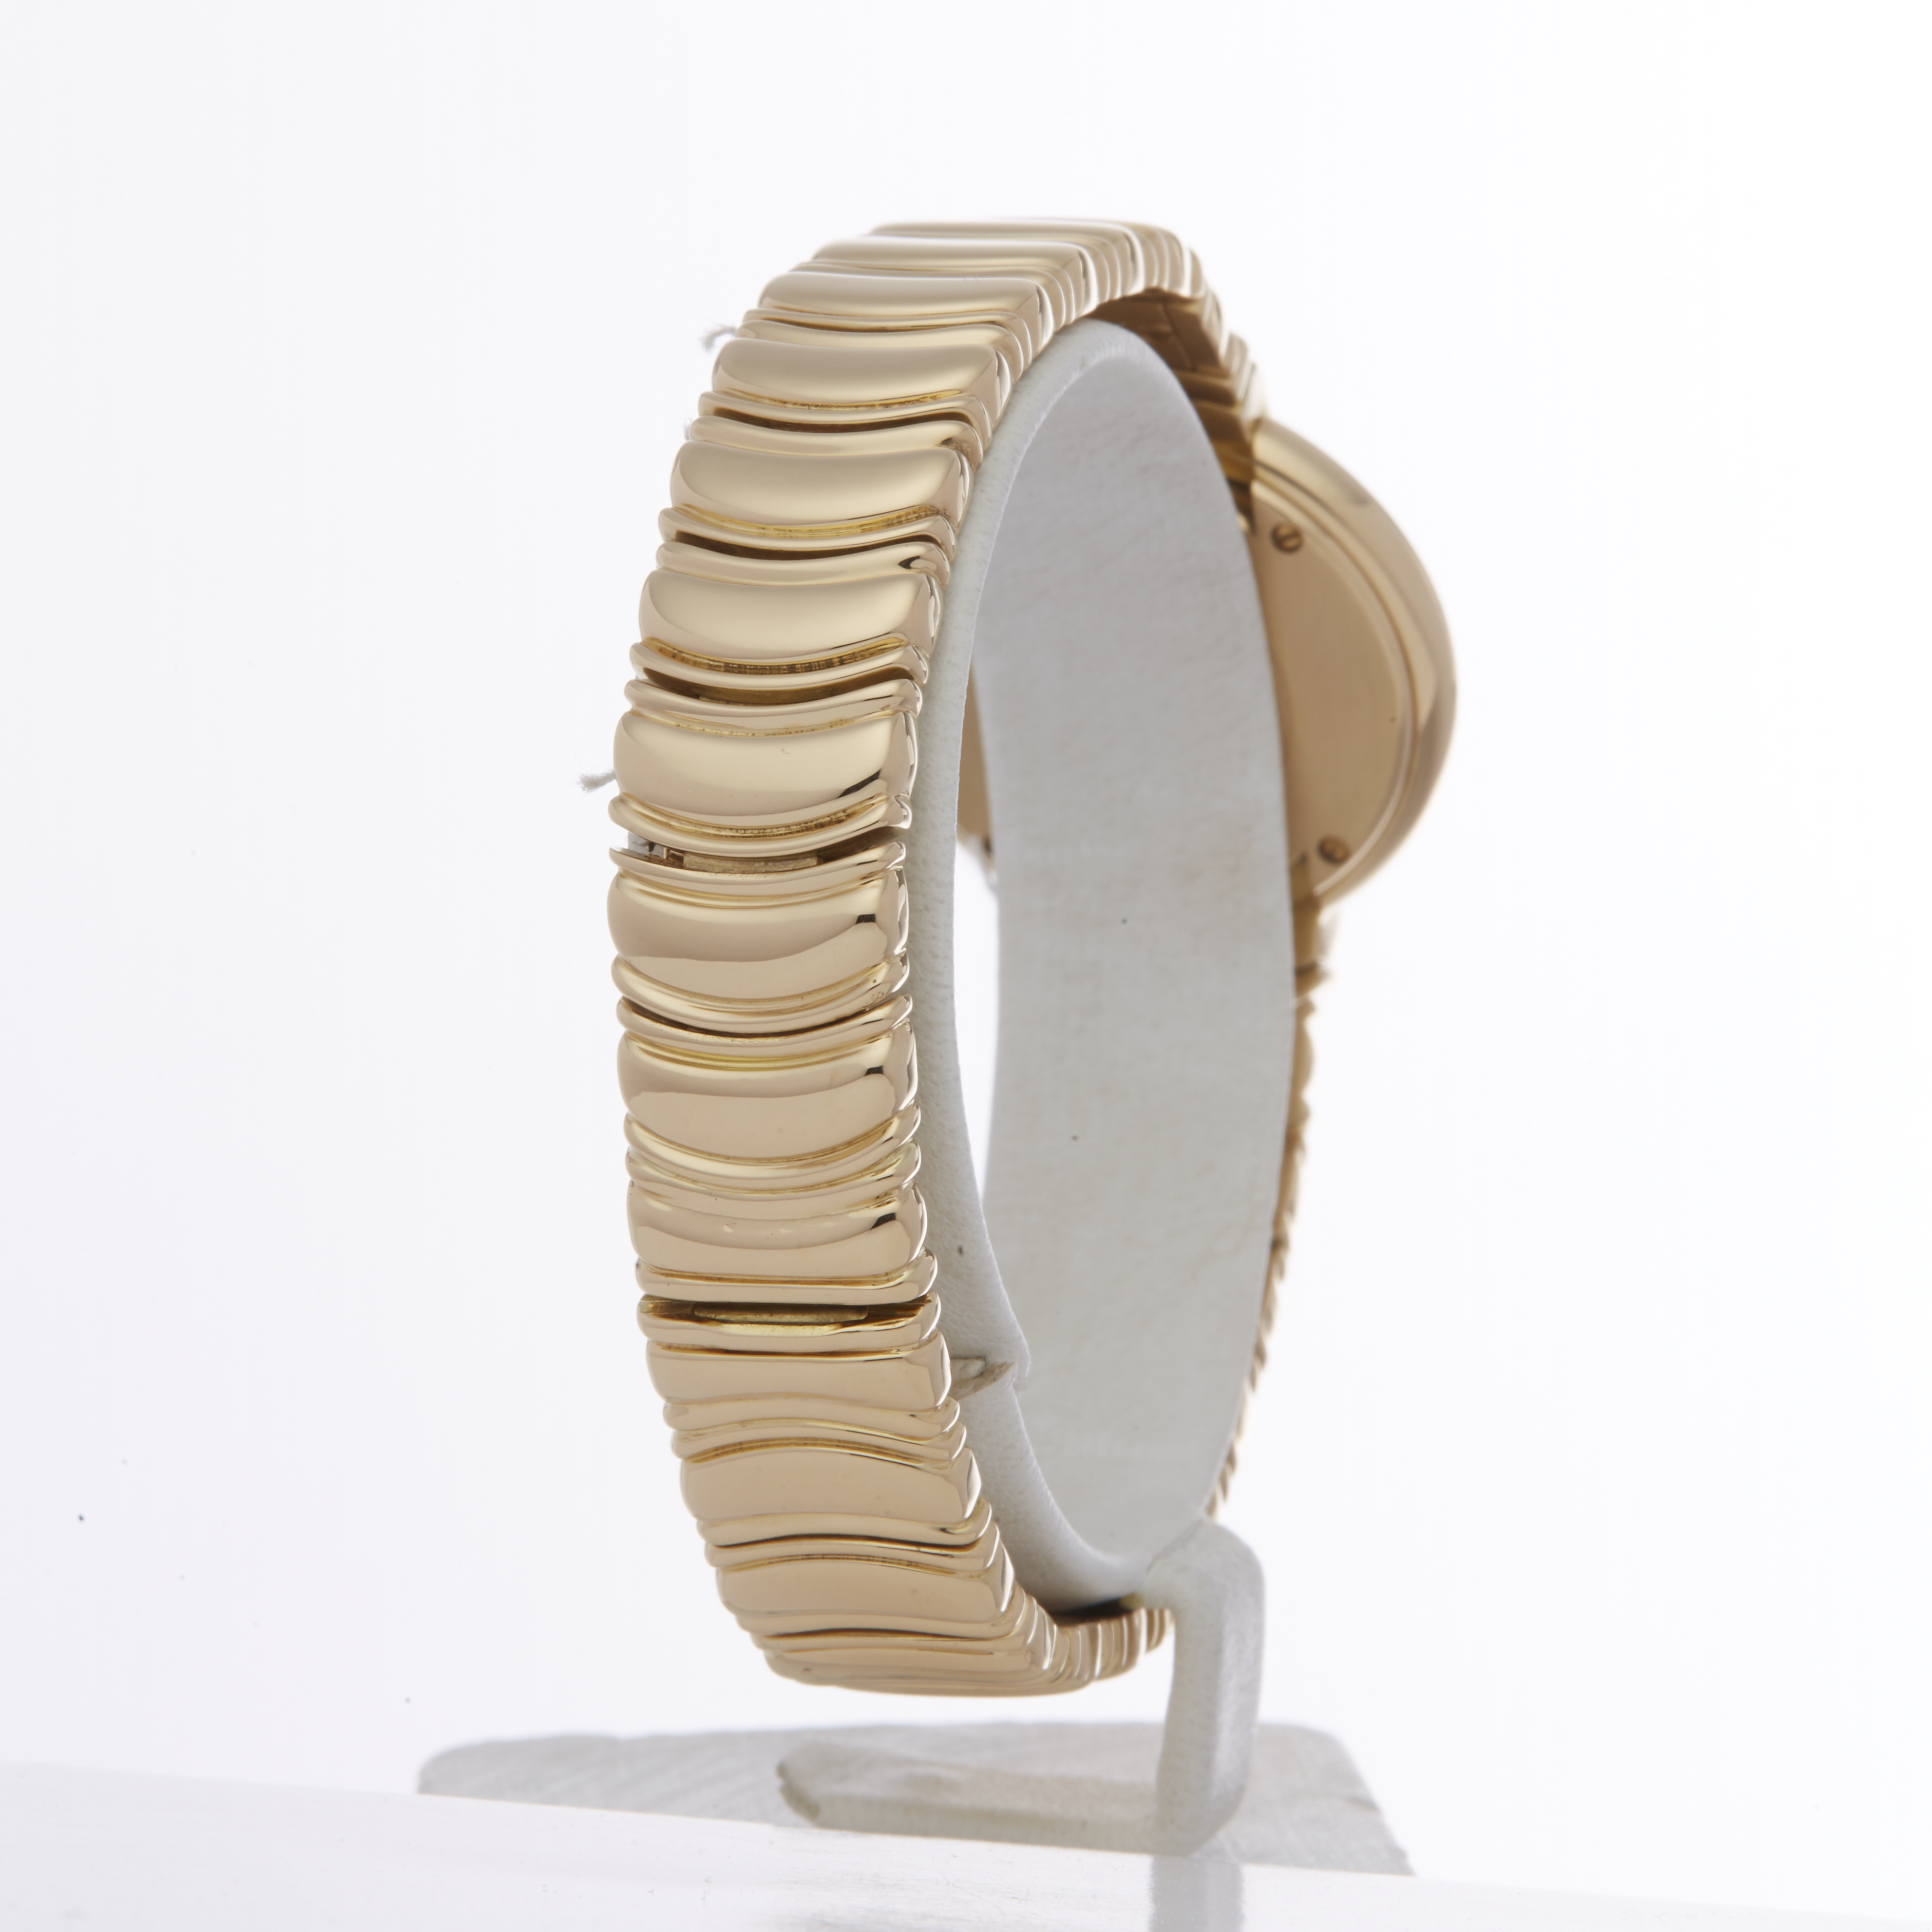 Cartier Vendome 878999 Ladies Yellow Gold Paris Mecanique Diamond Watch - Image 3 of 6